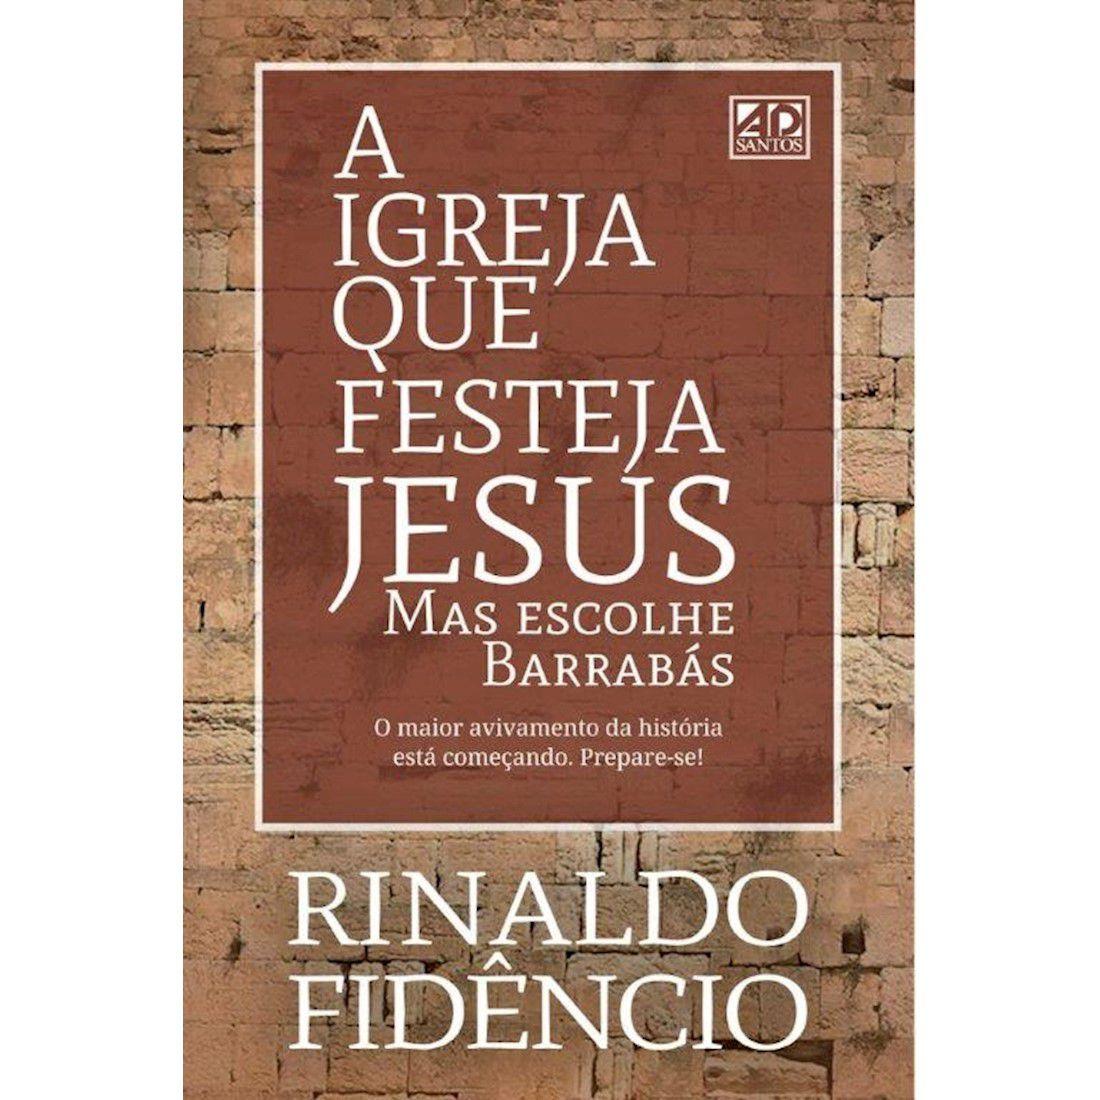 Livro A Igreja Que Festeja Jesus, mas Escolhe Barrabás